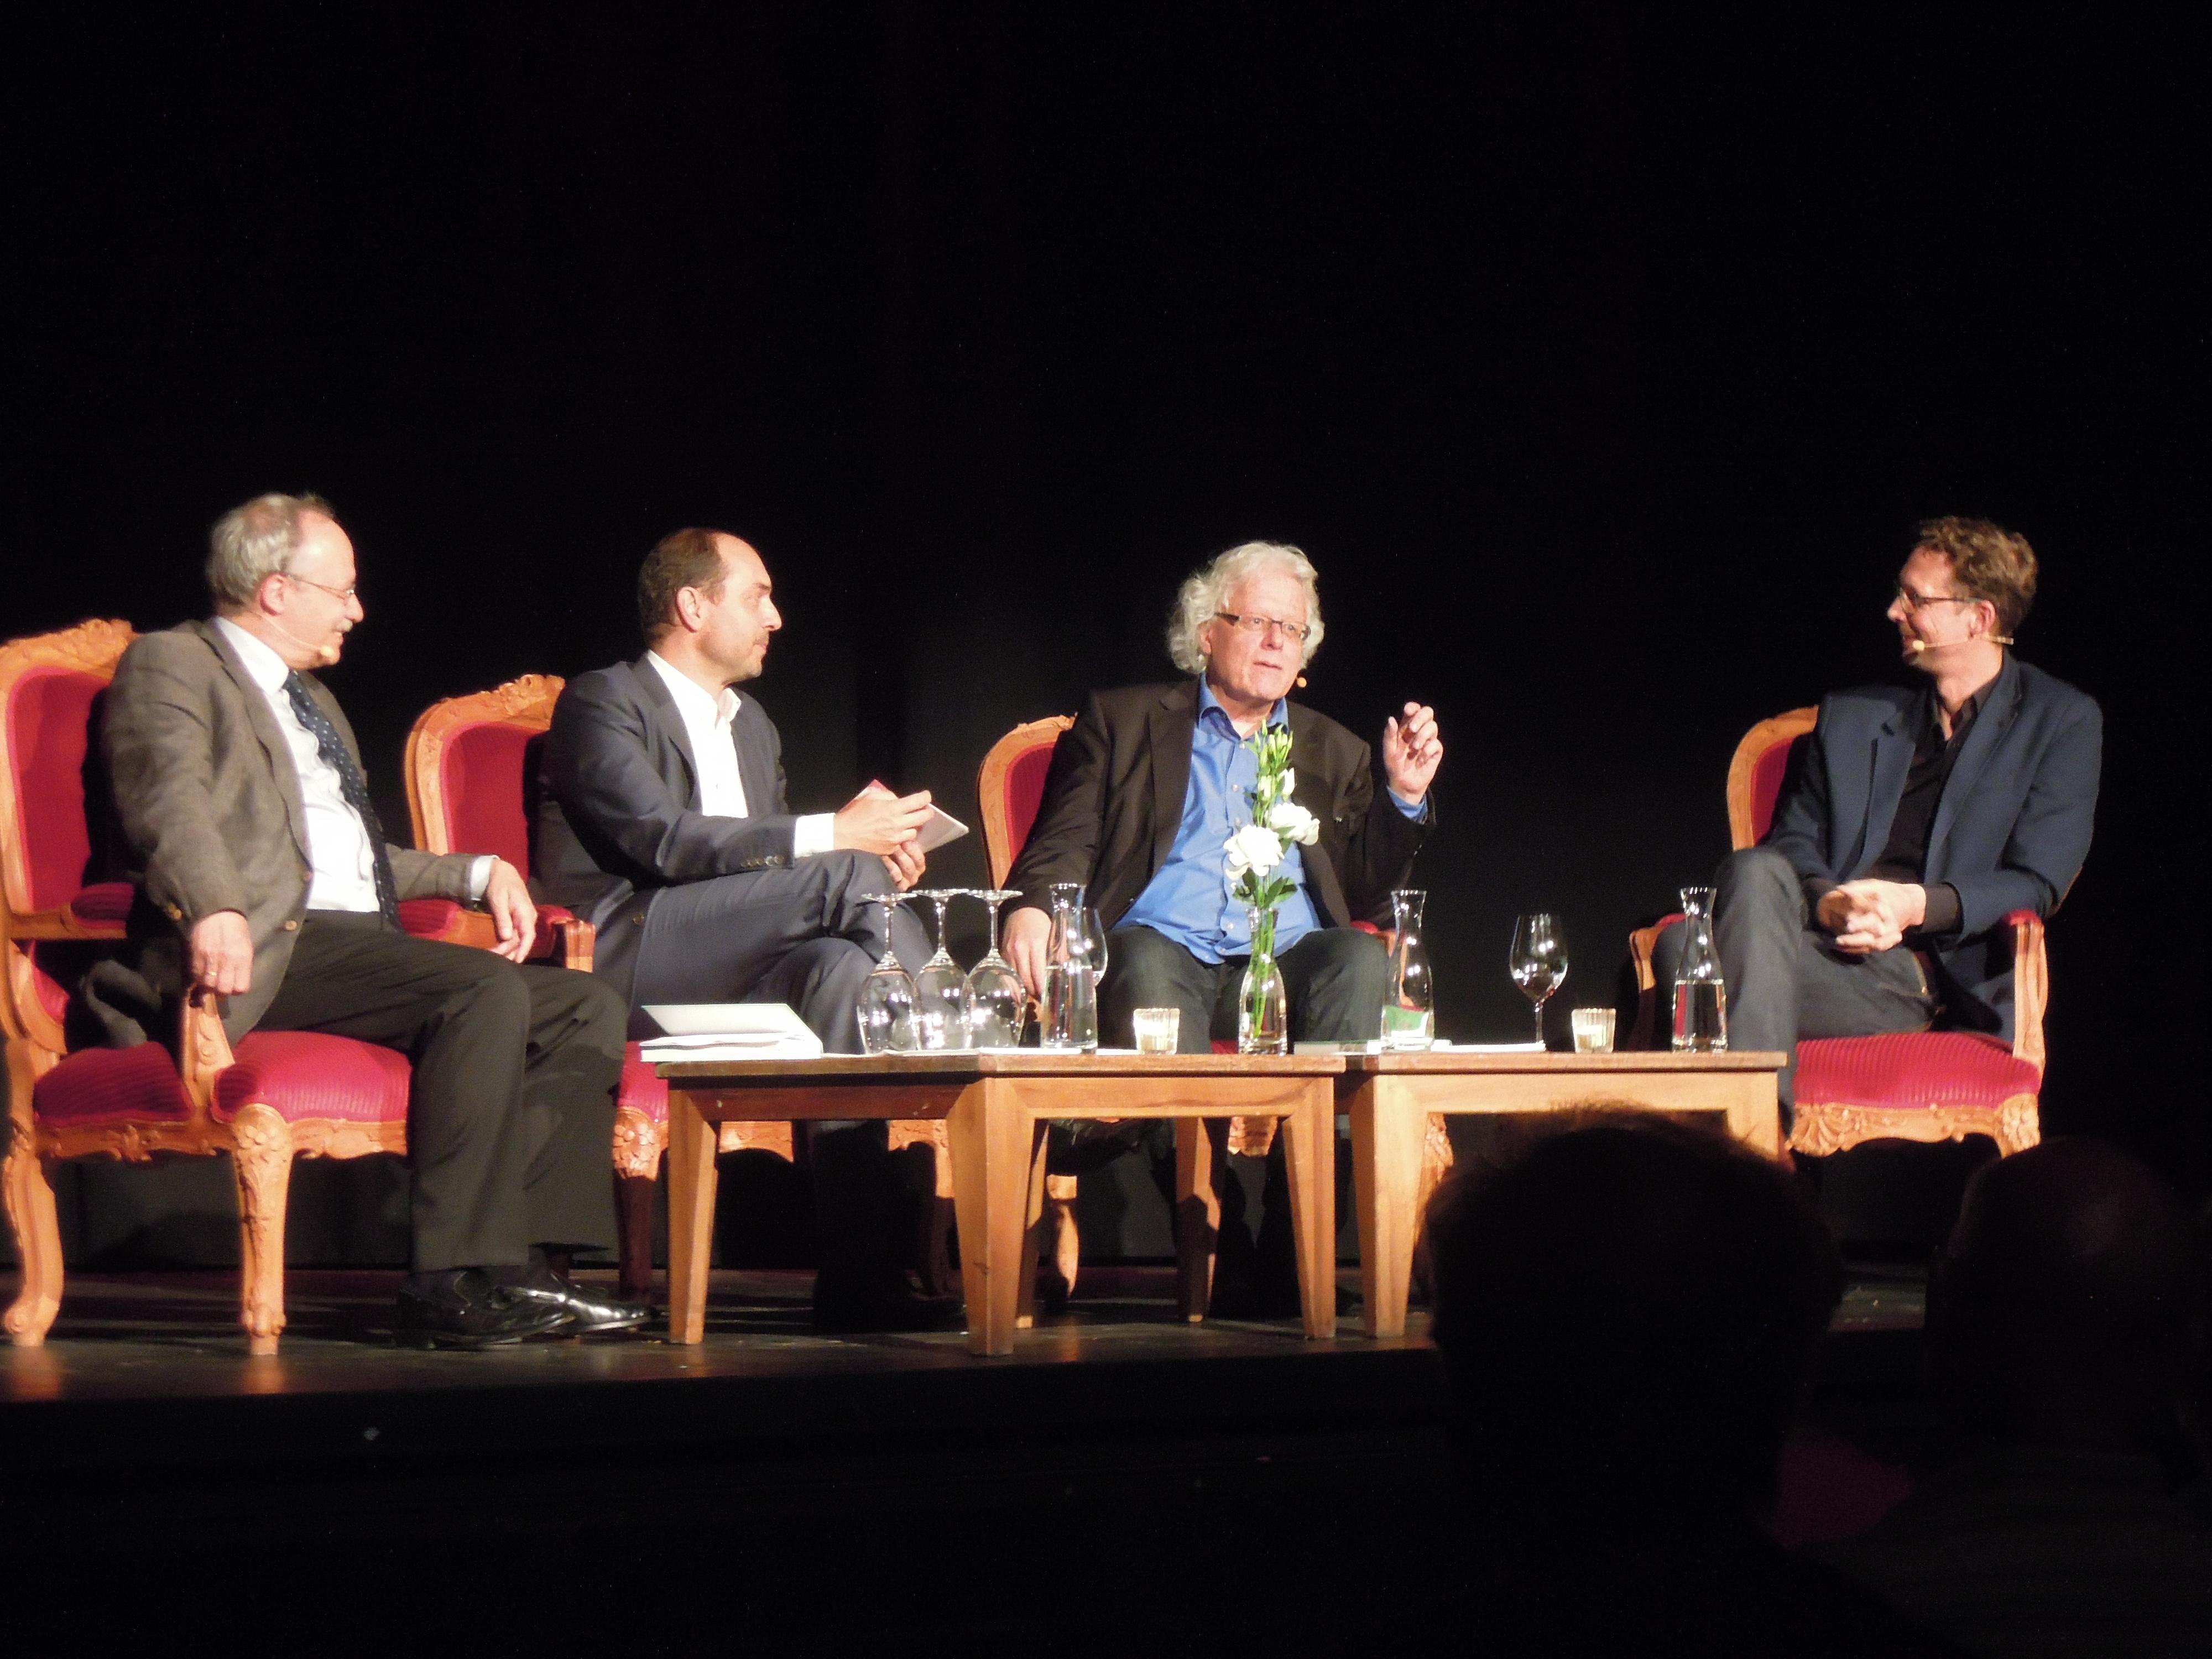 An der Buchvernissage im zürcherischen «Kaufleuten» diskutierten (von links nach rechts): Gerhard Schwarz, Urs Leuthard (Moderation), Peter Bodenmann und Michael Hermann.